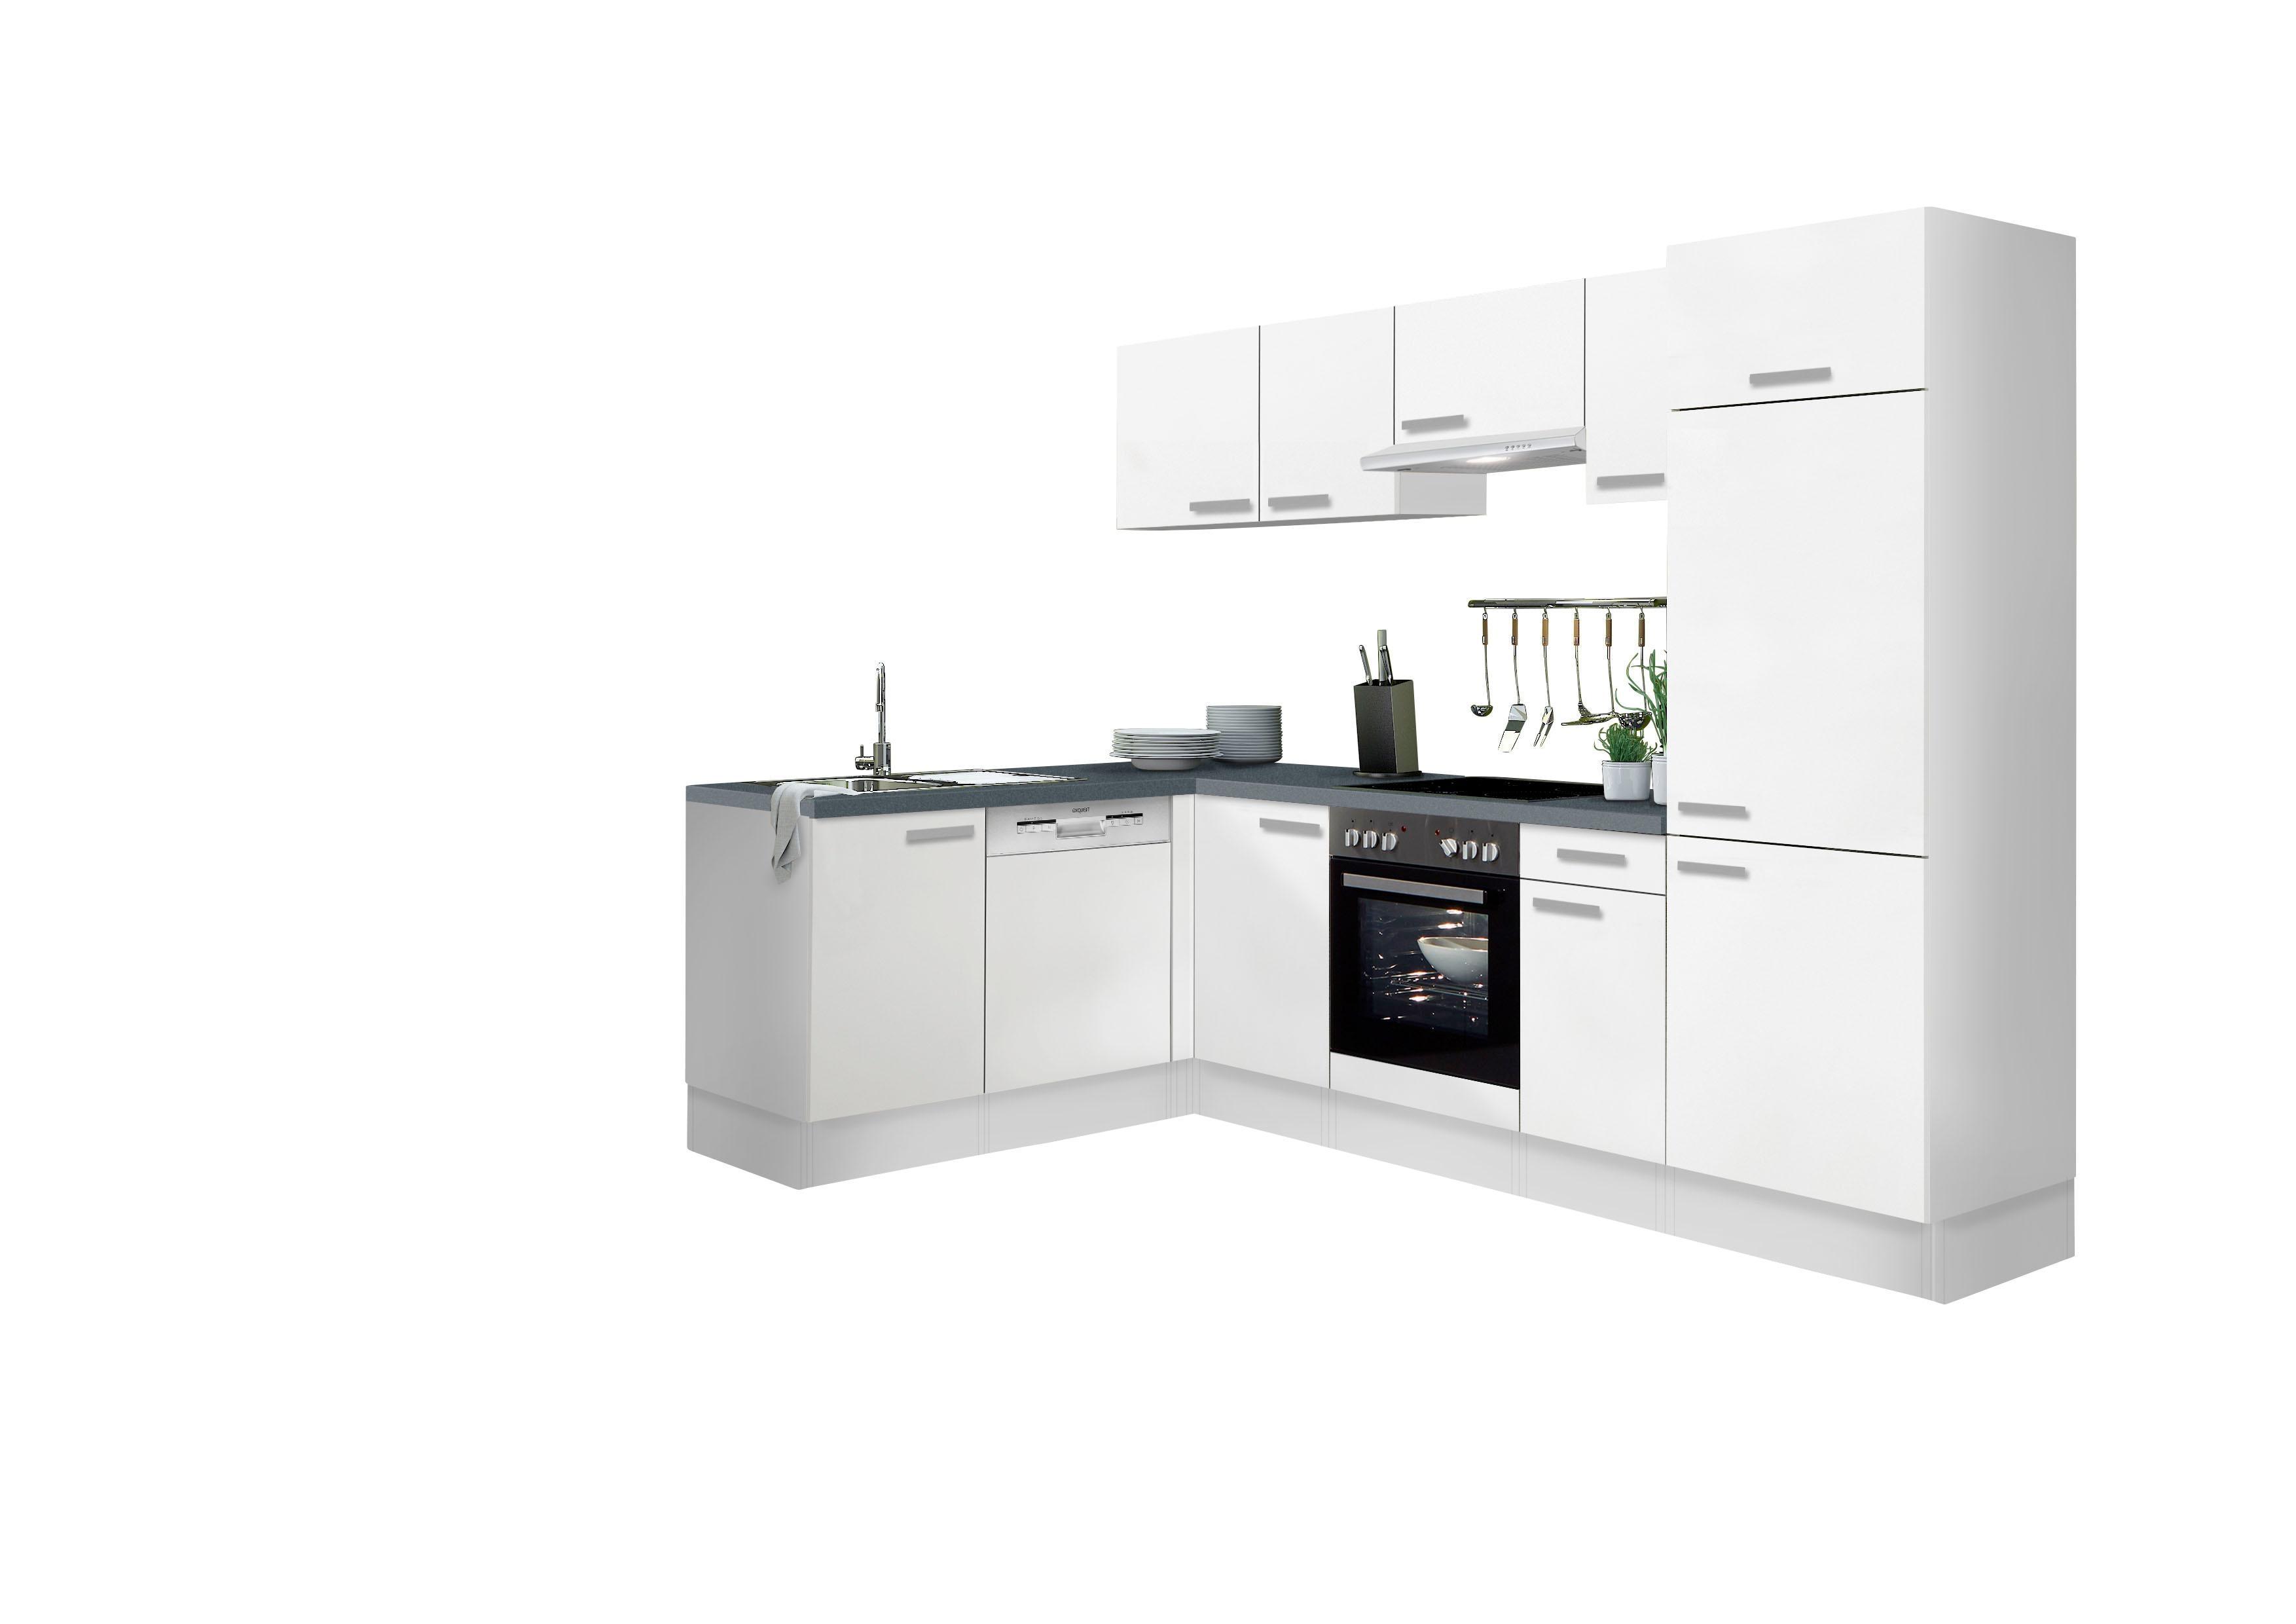 Optifit Winkelküche mit E-Geräten Odense Stellbreite 275 x 175 cm Preisvergleich